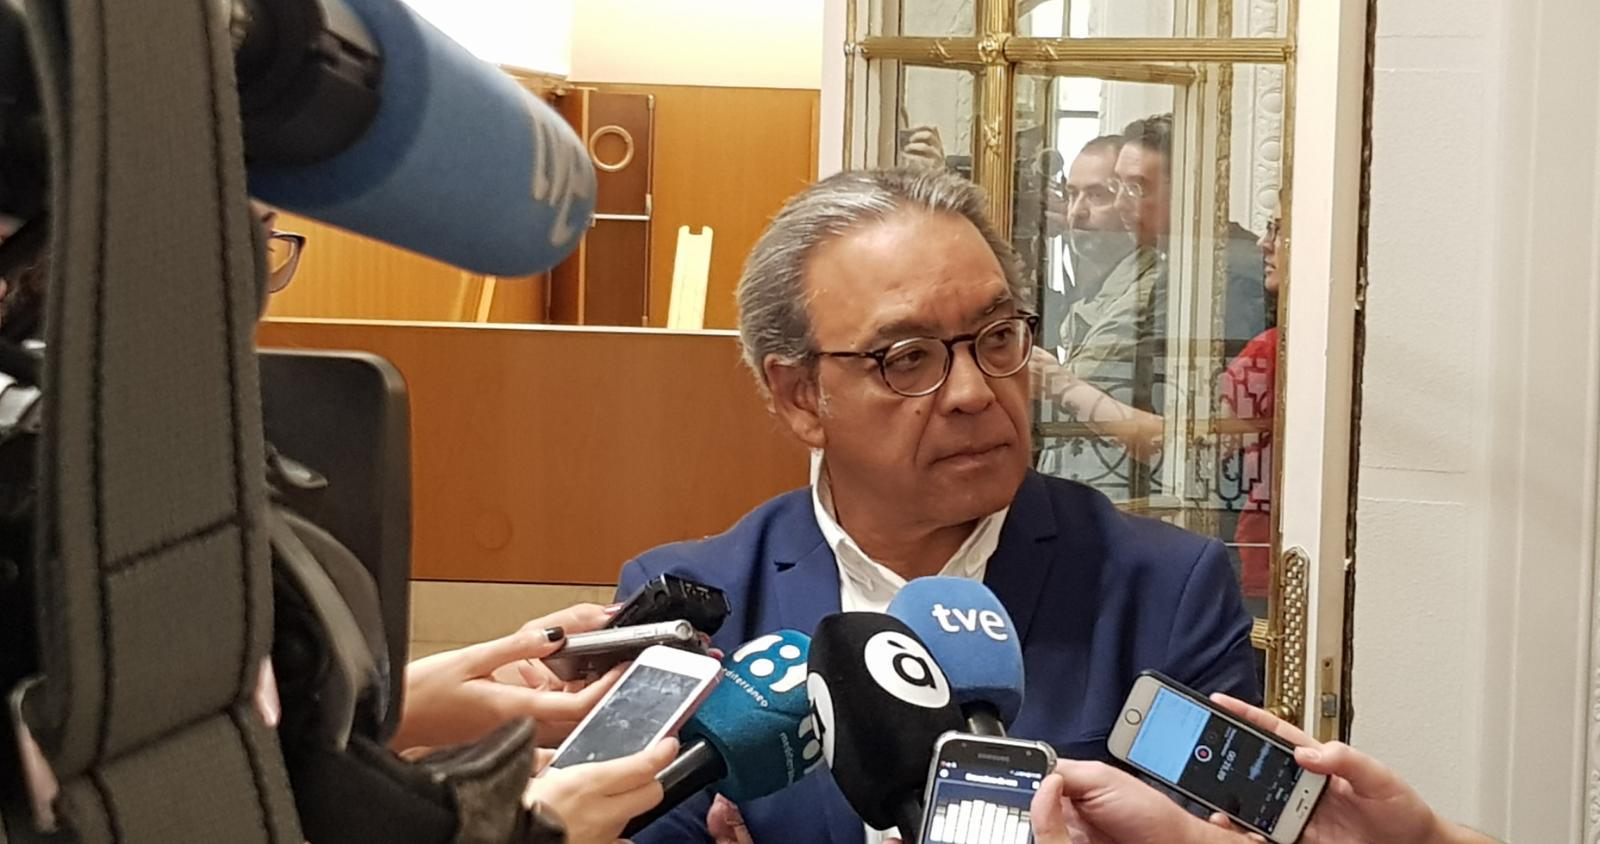 """You are currently viewing Mata: """"És evident que el Consell de Ximo Puig és capaç d'aglutinar a la societat civil amb reivindicacions justes com el Corredor Mediterrani-Cantàbric"""""""